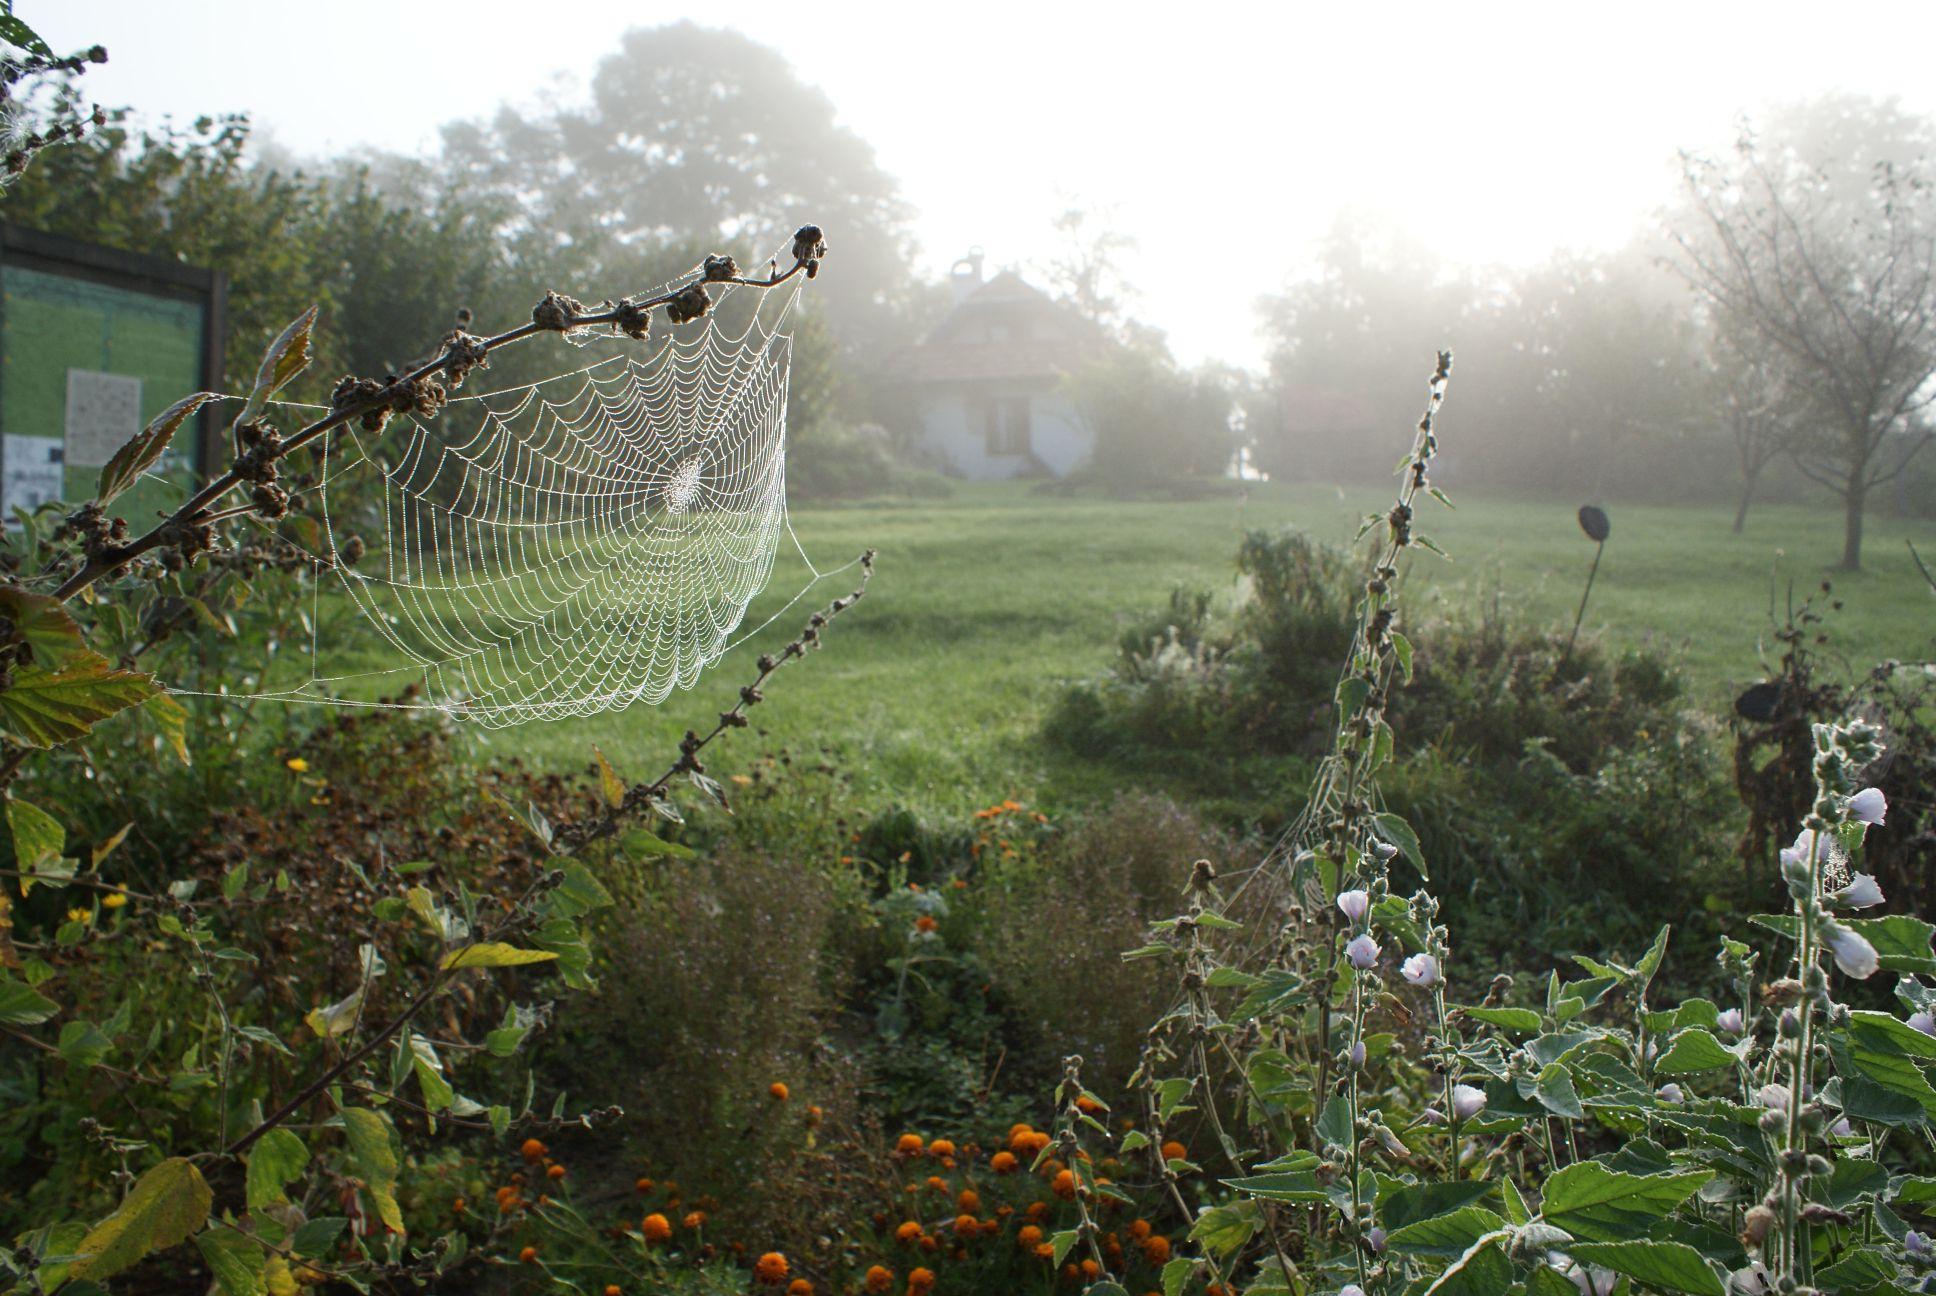 - Pénzesgyőri oktatóközpontunkhoz tartozik egy 7 hektáros gazdaság is, ahol a vegyszermentes gazdálkodás értékeit mutatjuk be az érdeklődőknek. Gyógy- és fűszernövény kerttel, mintaként szolgáló, a növénytársításokat figyelembe vevő és bemutató zöldségeskerttel, hagyományos fajtákból álló extenzív gyümölcsössel, a legelőn pedig népes nyájjal találkozhattok, ha meglátogattok minket.